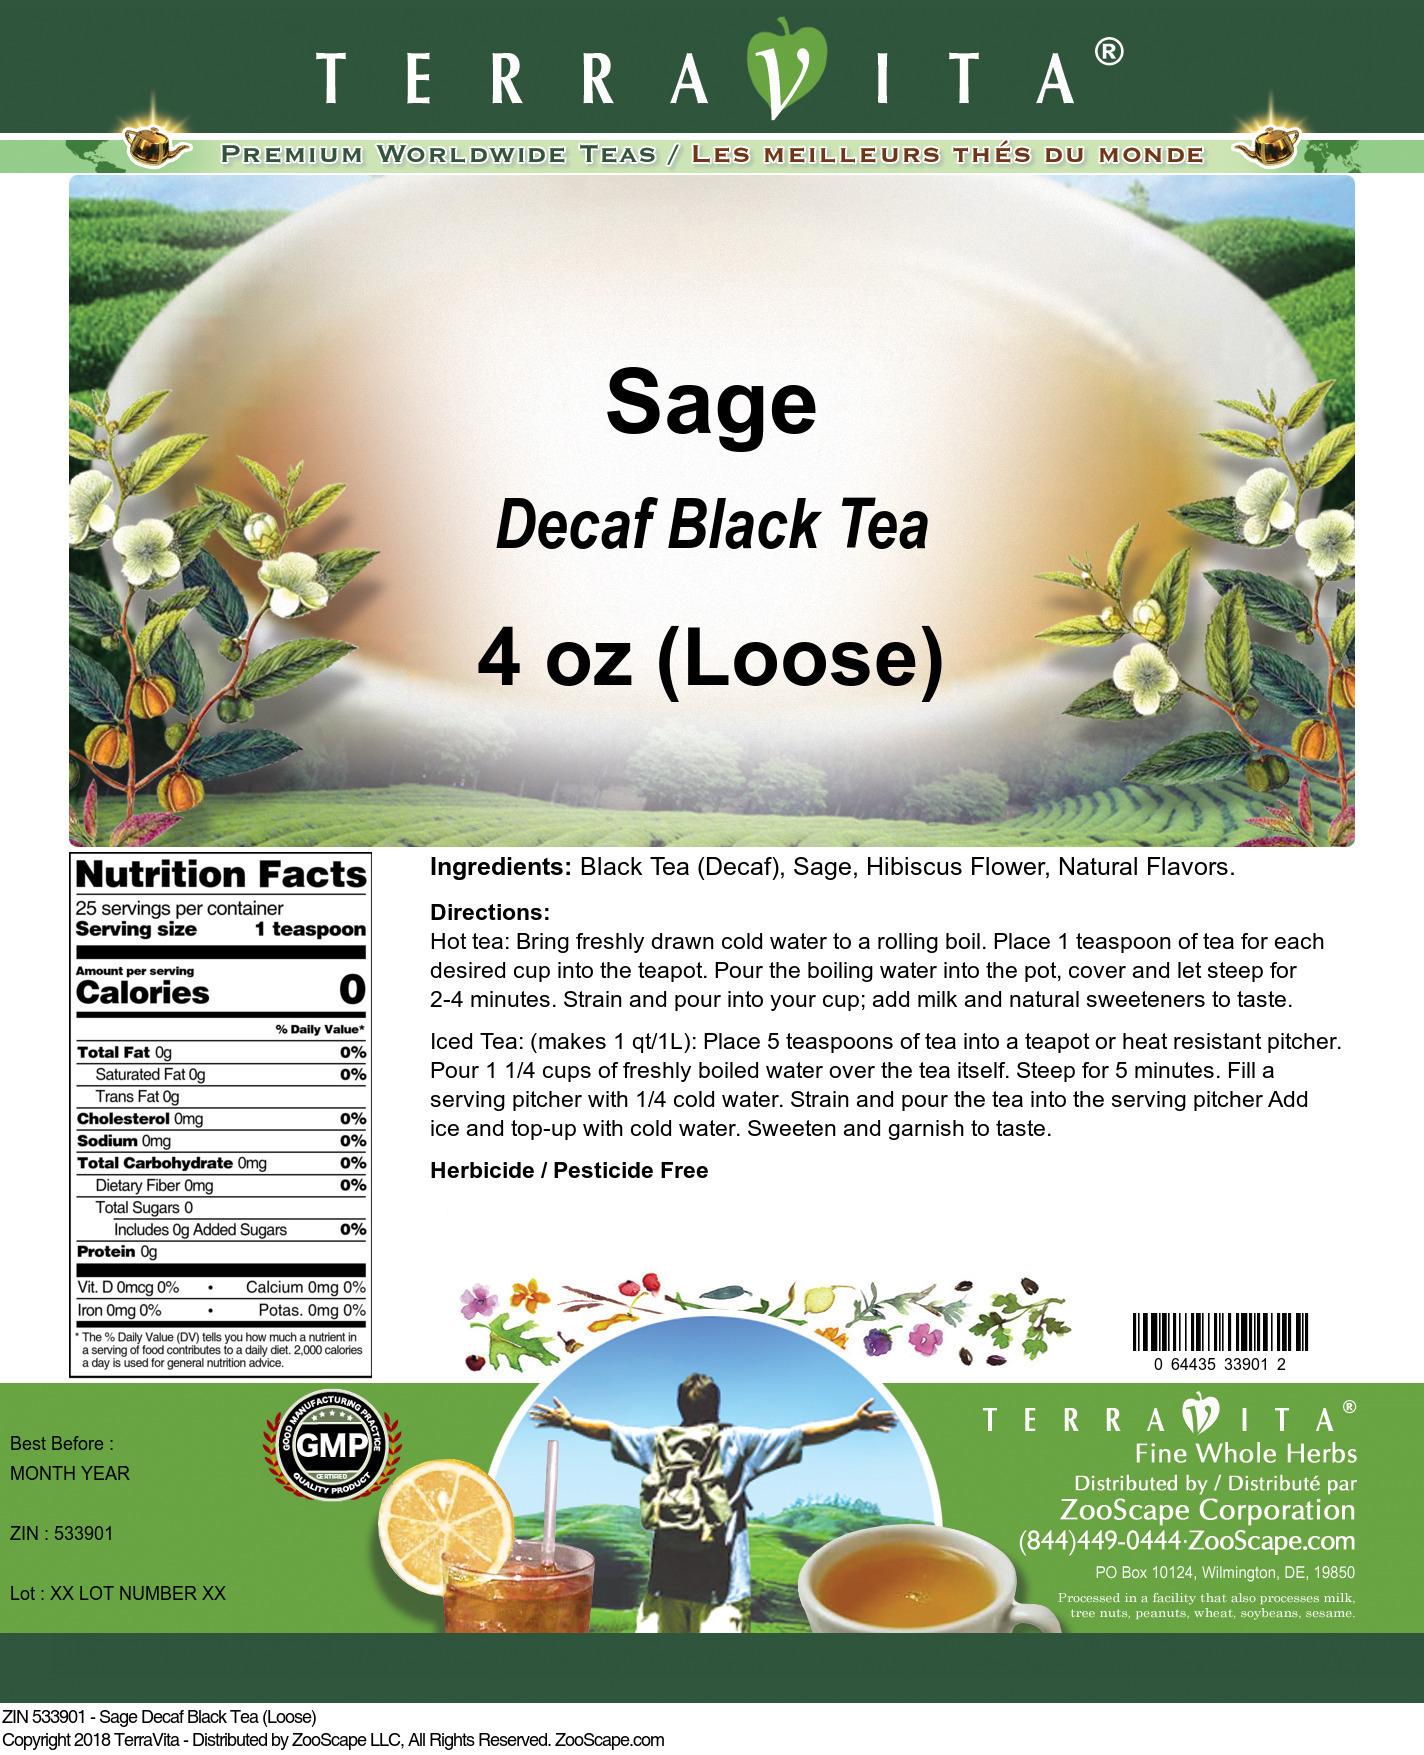 Sage Decaf Black Tea (Loose)